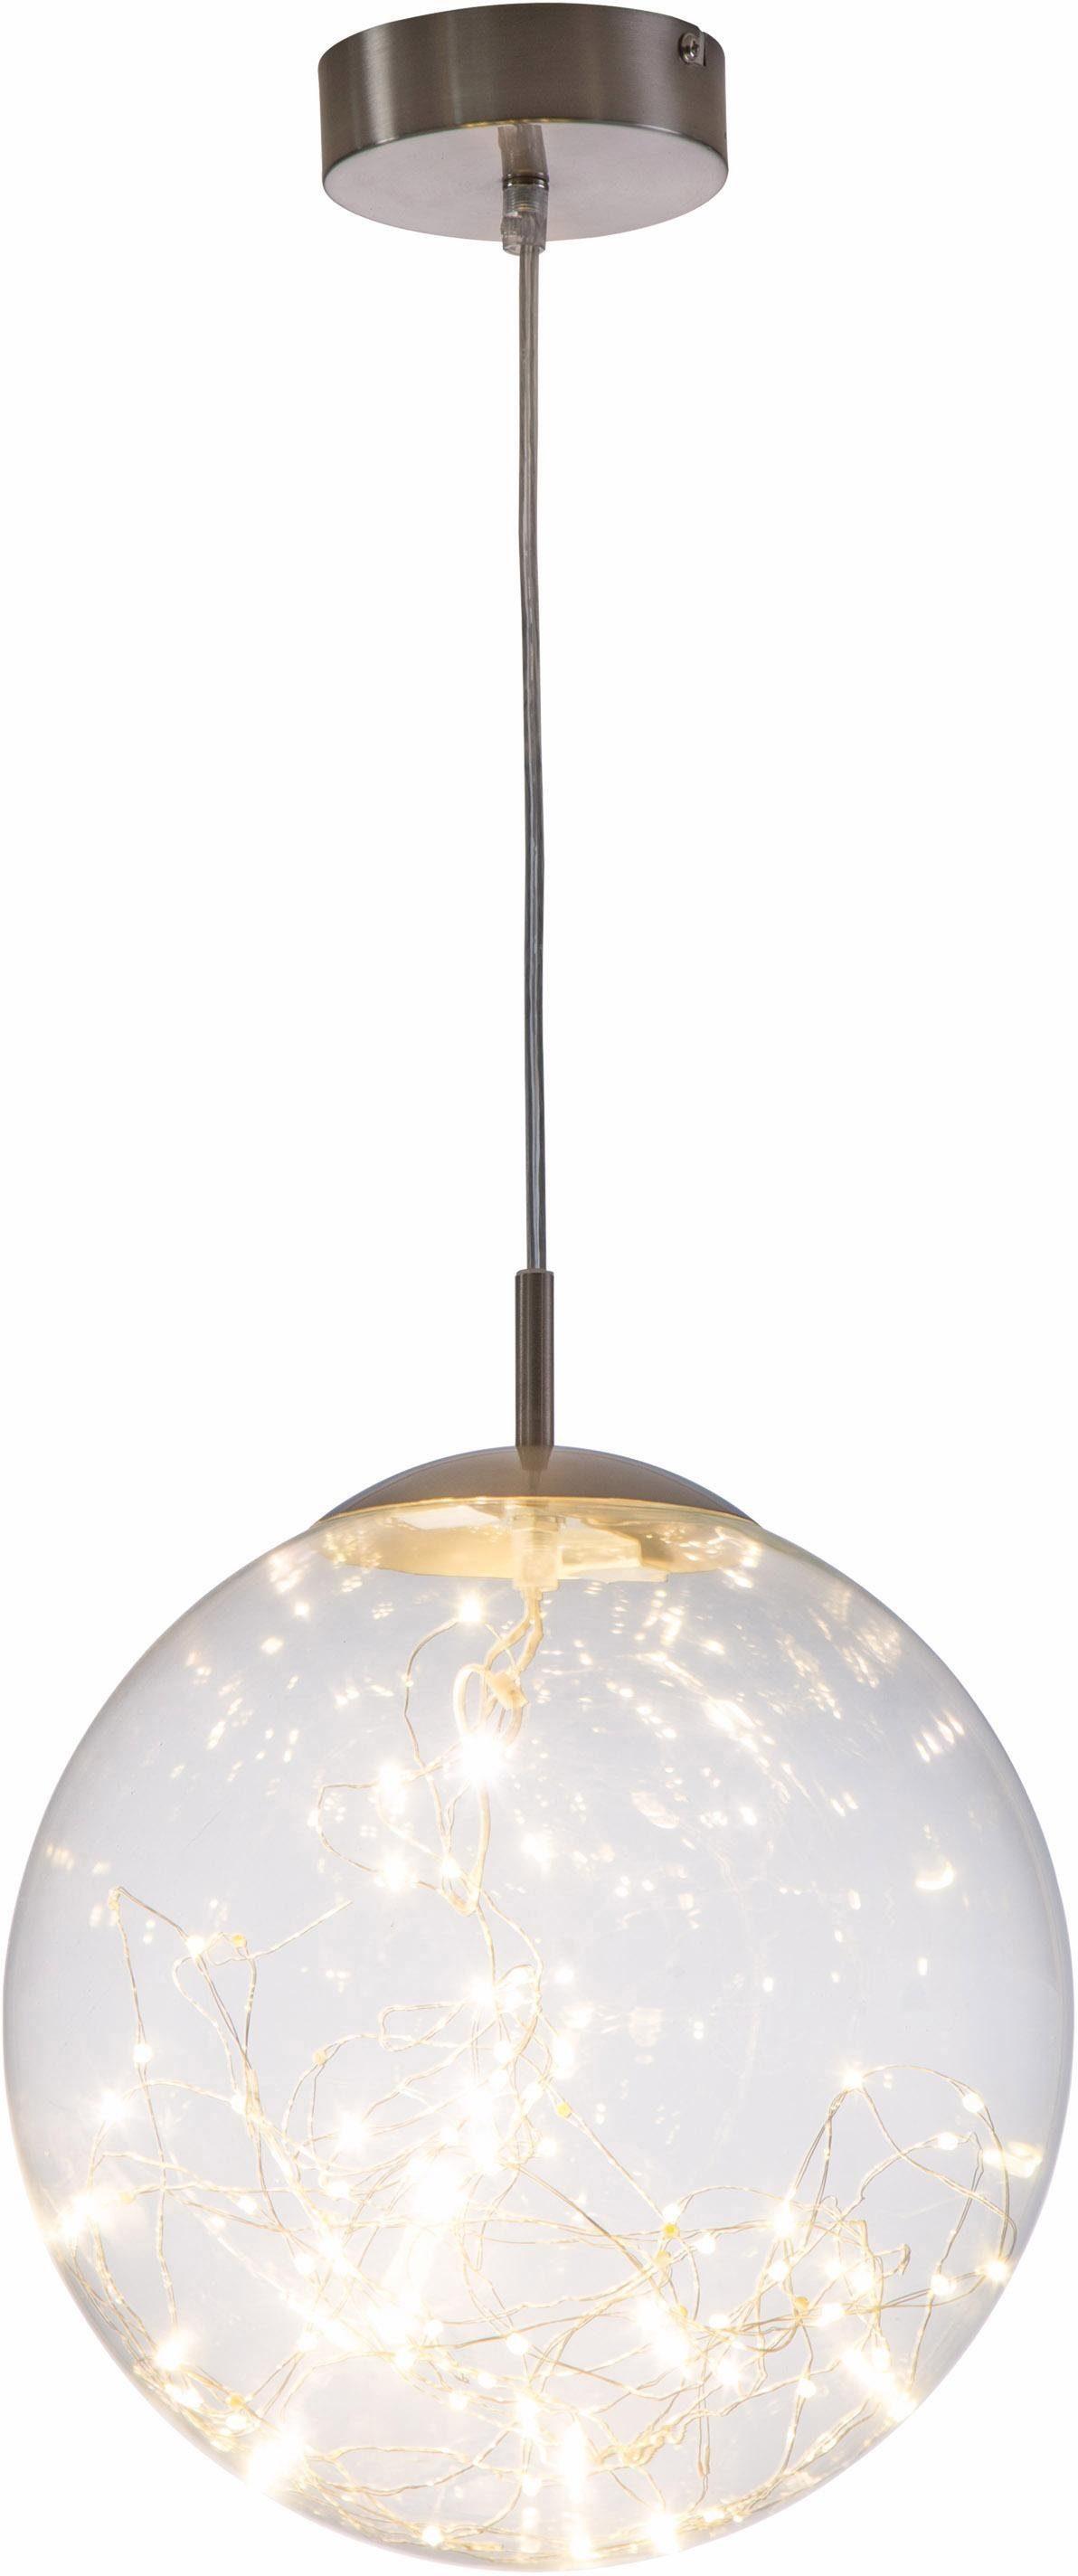 Nino Leuchten LED Pendelleuchte, »LIGHTS«